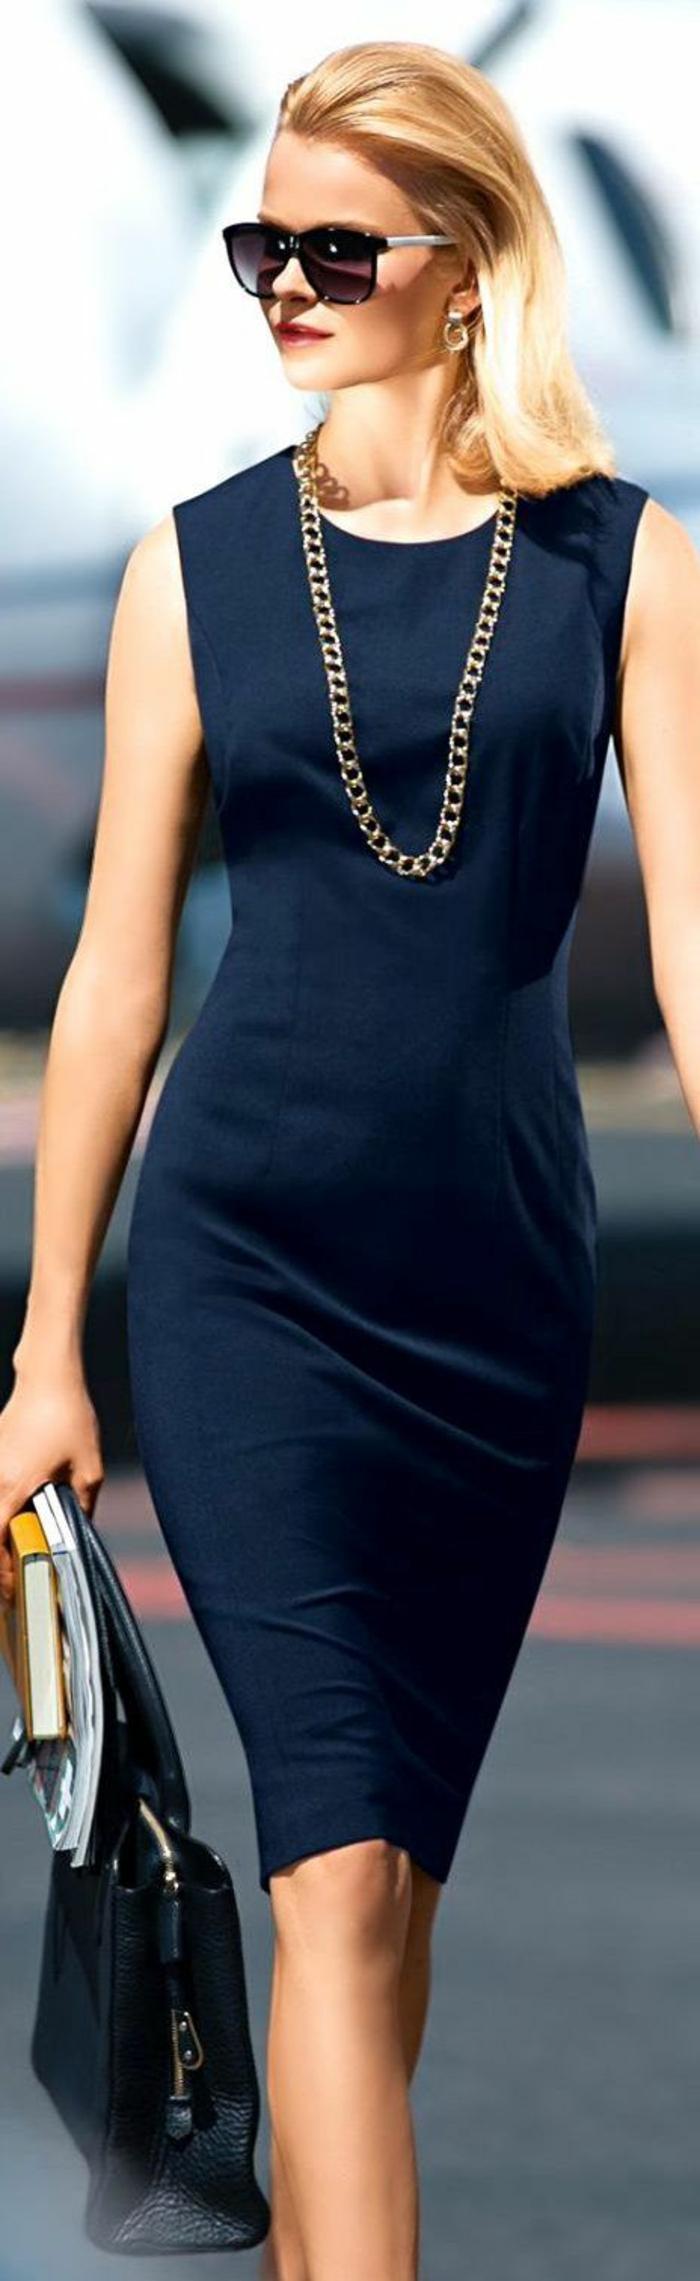 1001 id es pour une robe longue moulante comment la porter et nos conseils. Black Bedroom Furniture Sets. Home Design Ideas